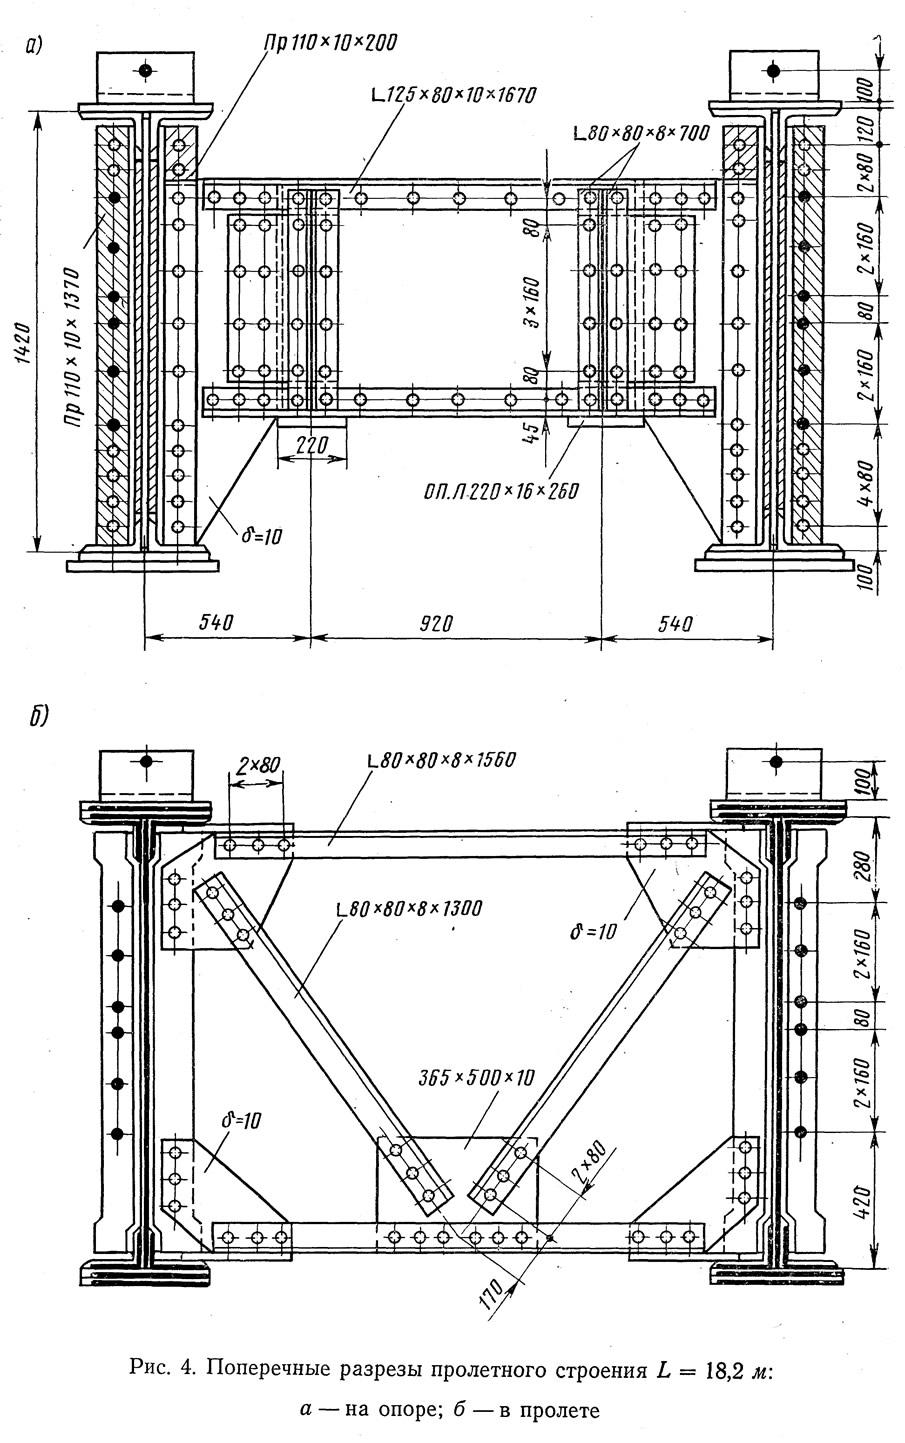 Рис. 4. Поперечные разрезы пролетного строения L=18,2 м